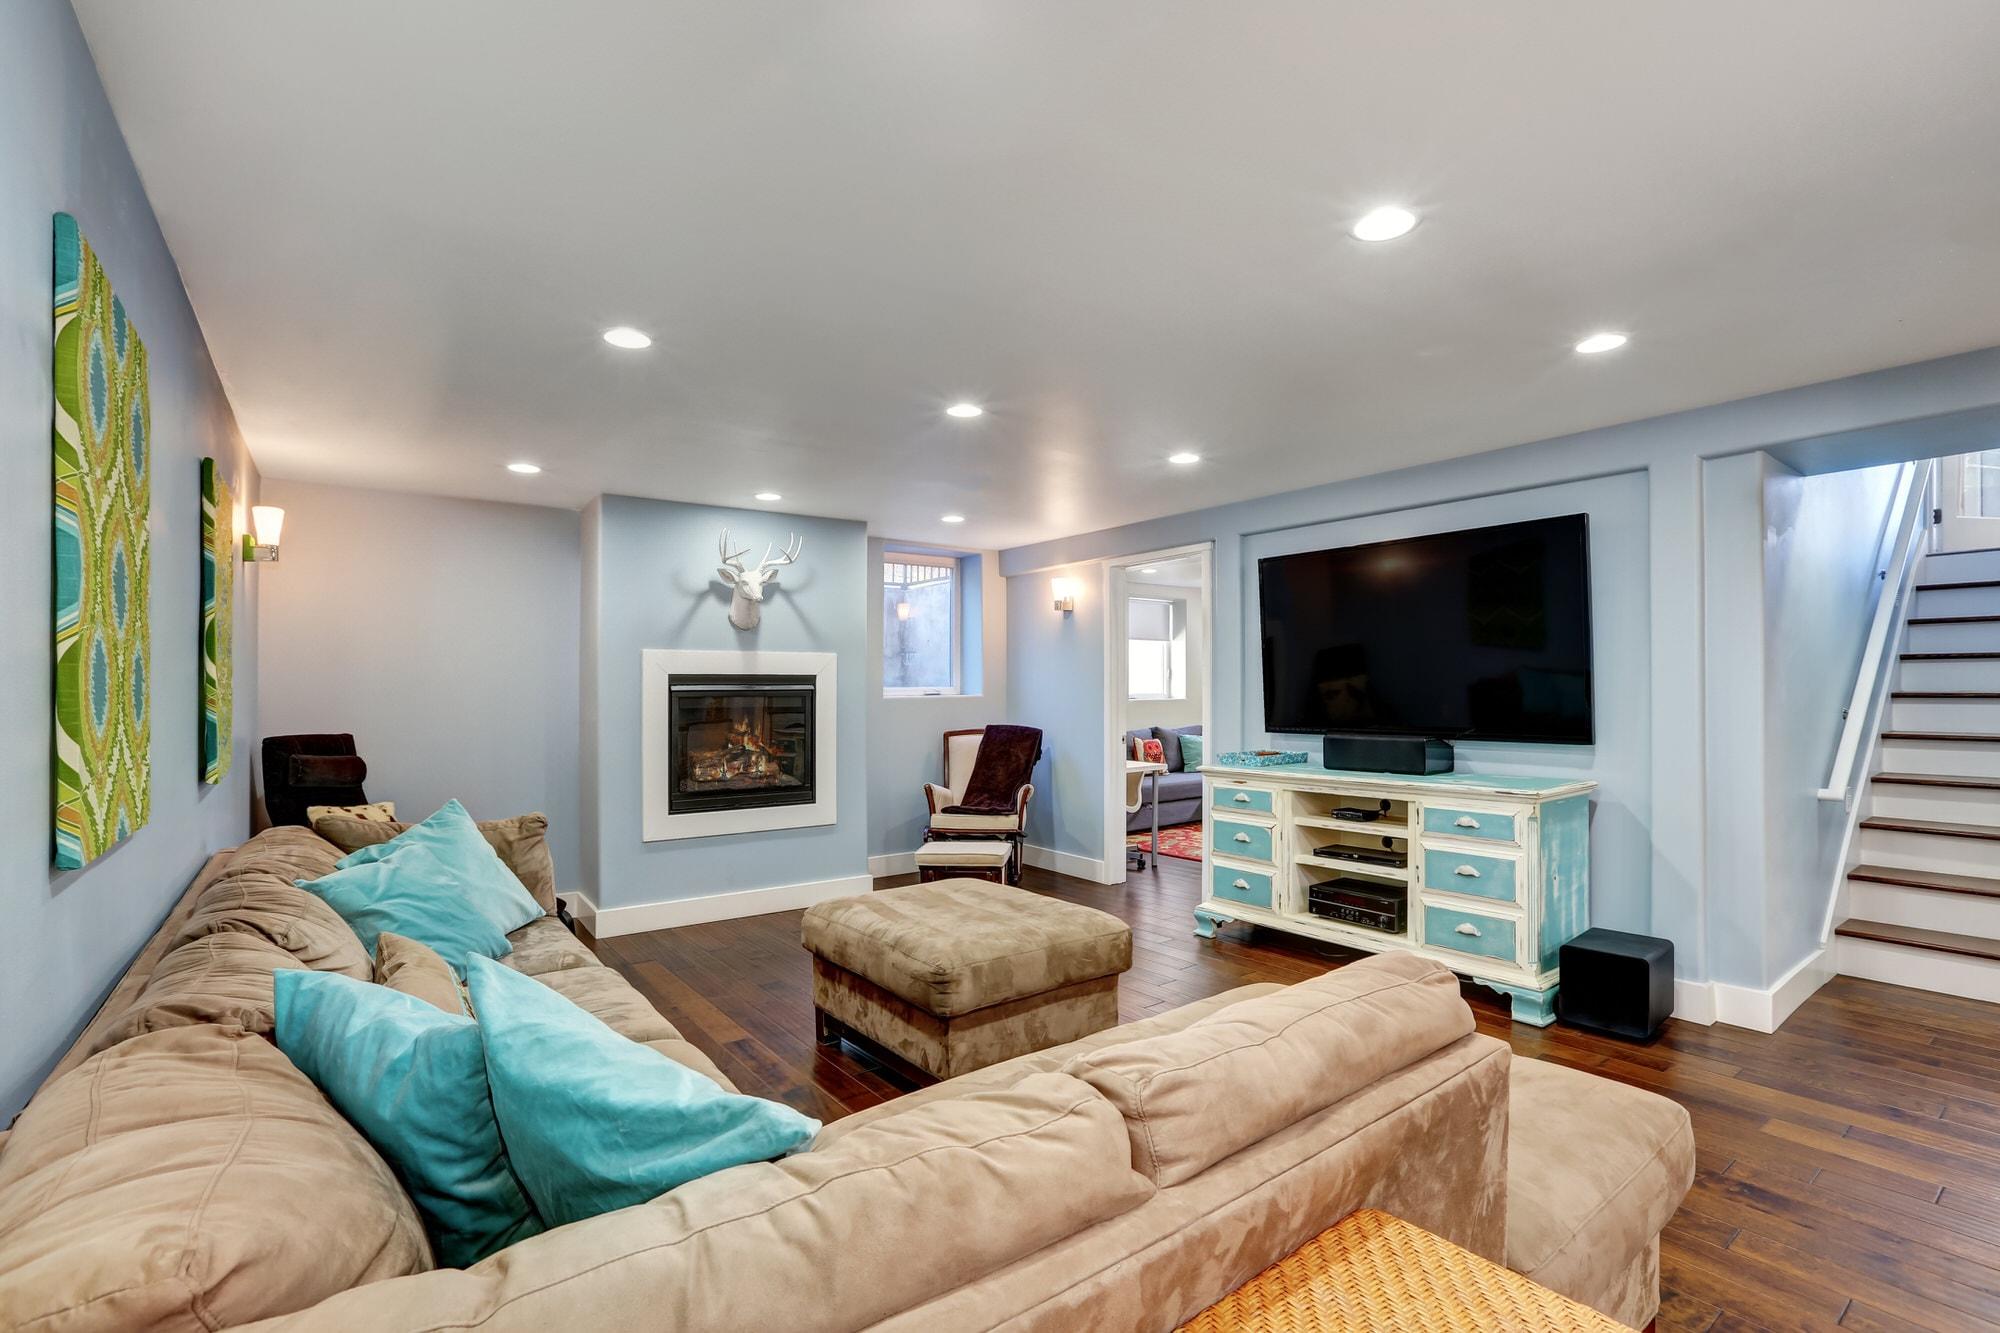 Full Size of Innenrume Optimal Ausleuchten Licht Mit Methode Einsetzen Wohnzimmer Led Deckenleuchte Deckenlampe Wohnwand Deckenlampen Moderne Wandtattoos Fototapeten Wohnzimmer Deckenspots Wohnzimmer